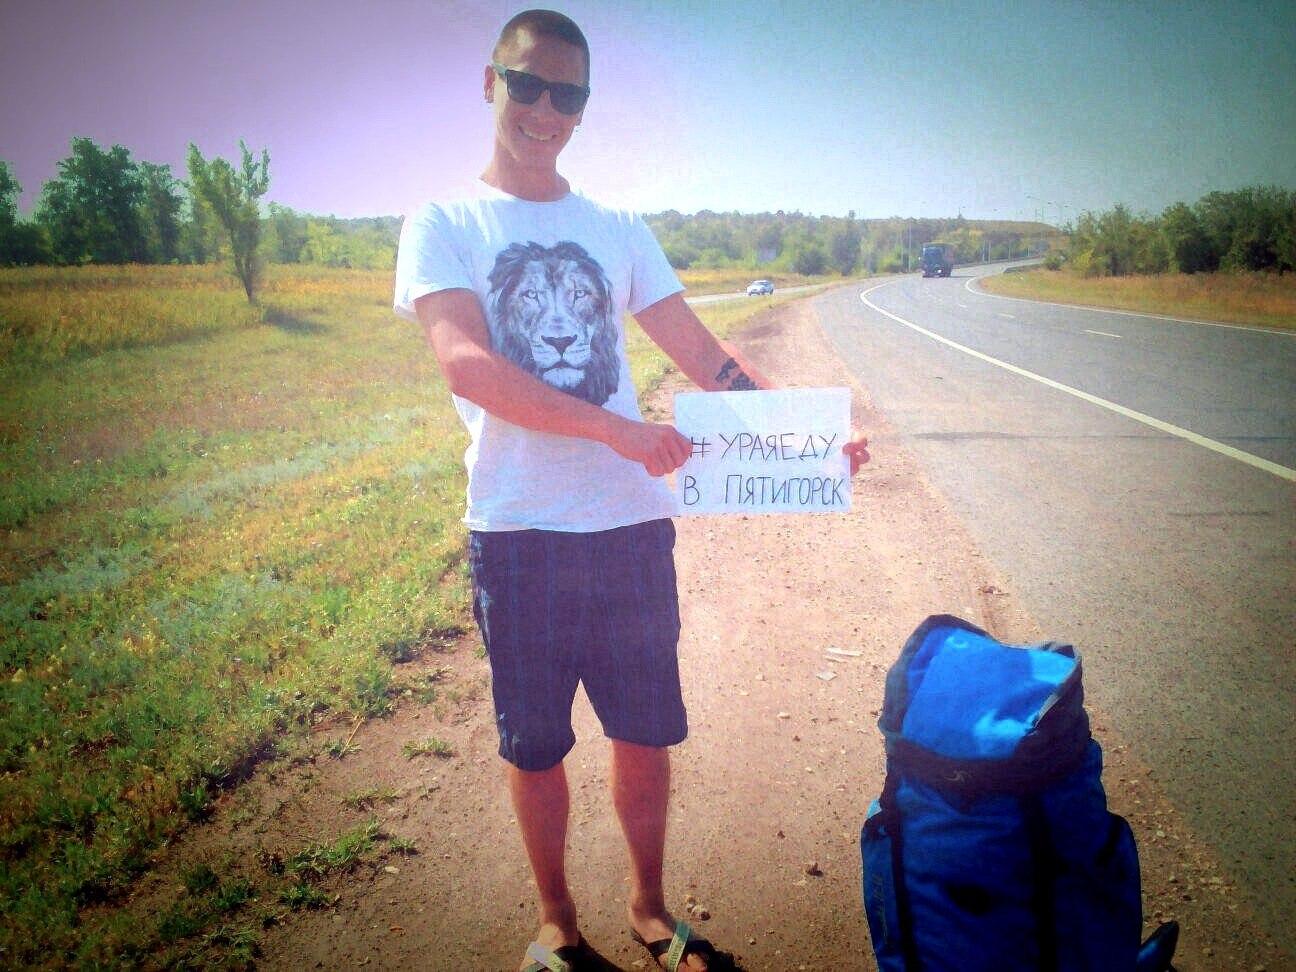 #ураяеду в Пятигорск